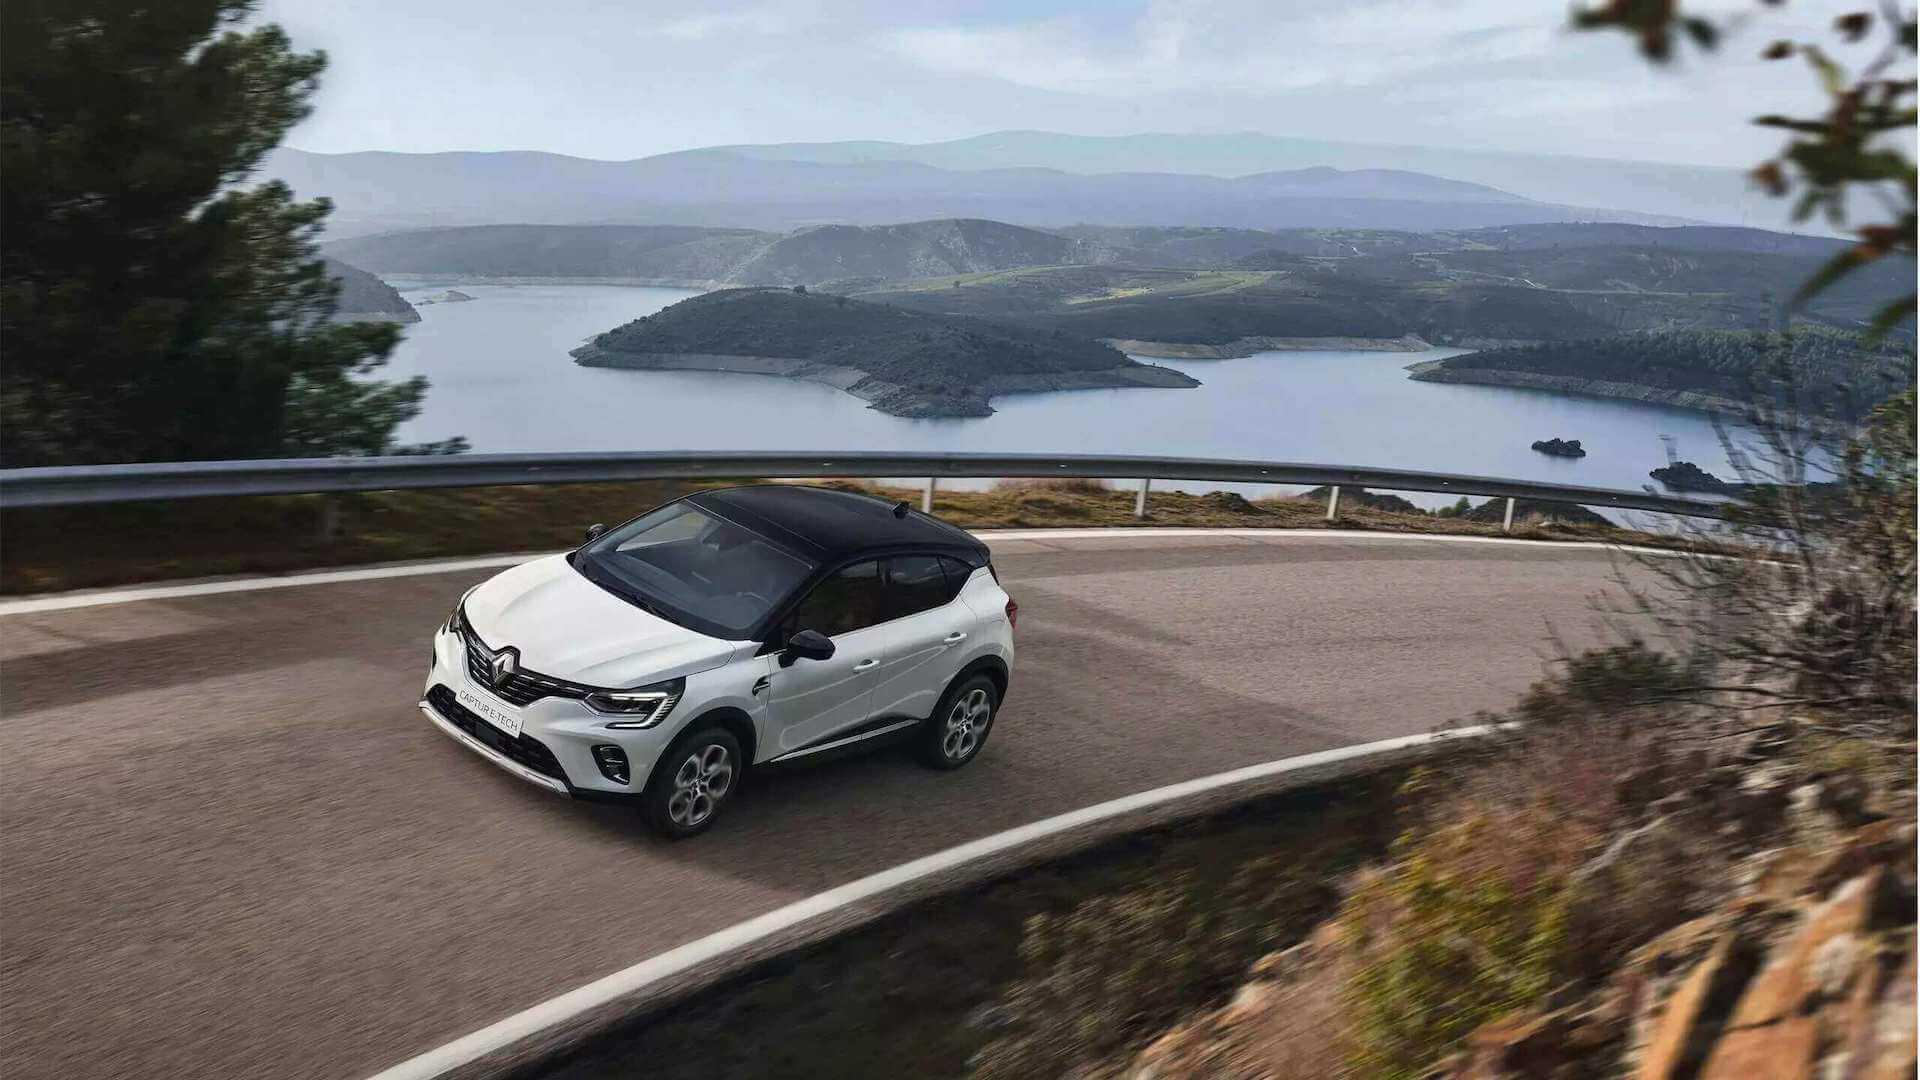 Weißes Auto von oben - Auto fährt in einer Kurve auf einem Berg - Renault Captur - Renault Ahrens Hannover